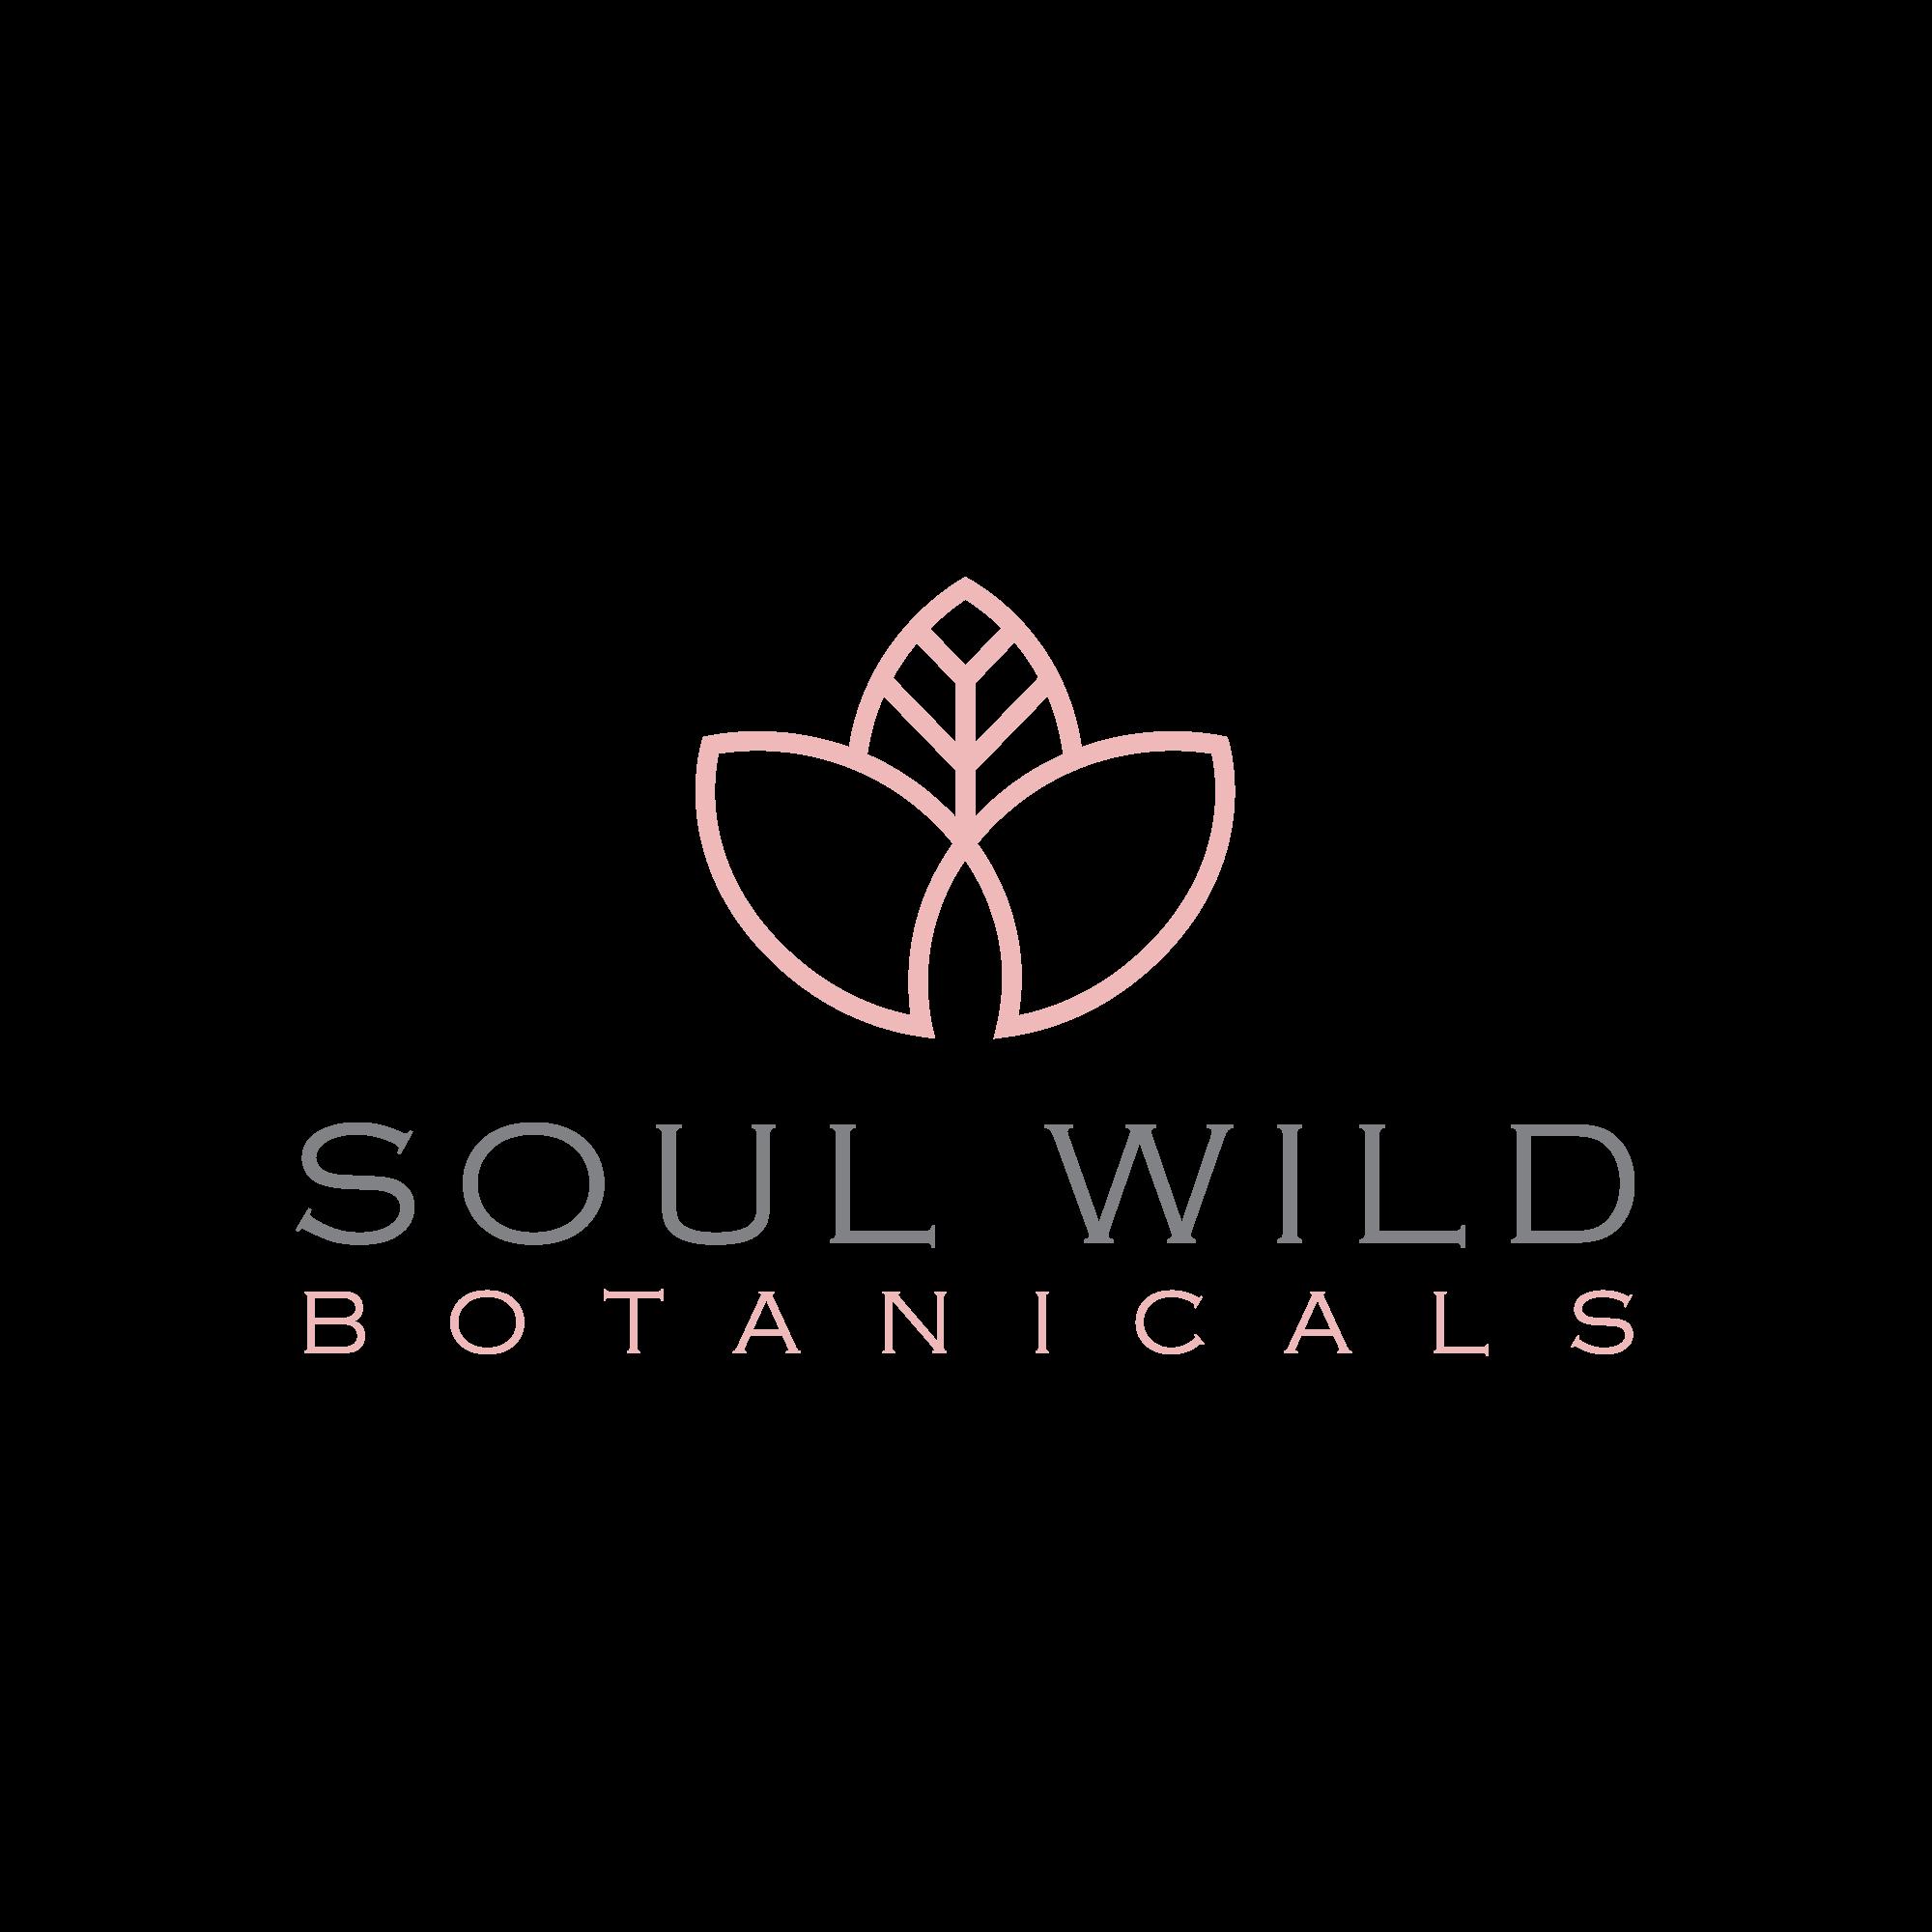 Soul-Wild-Botanicals-logo-B2.png